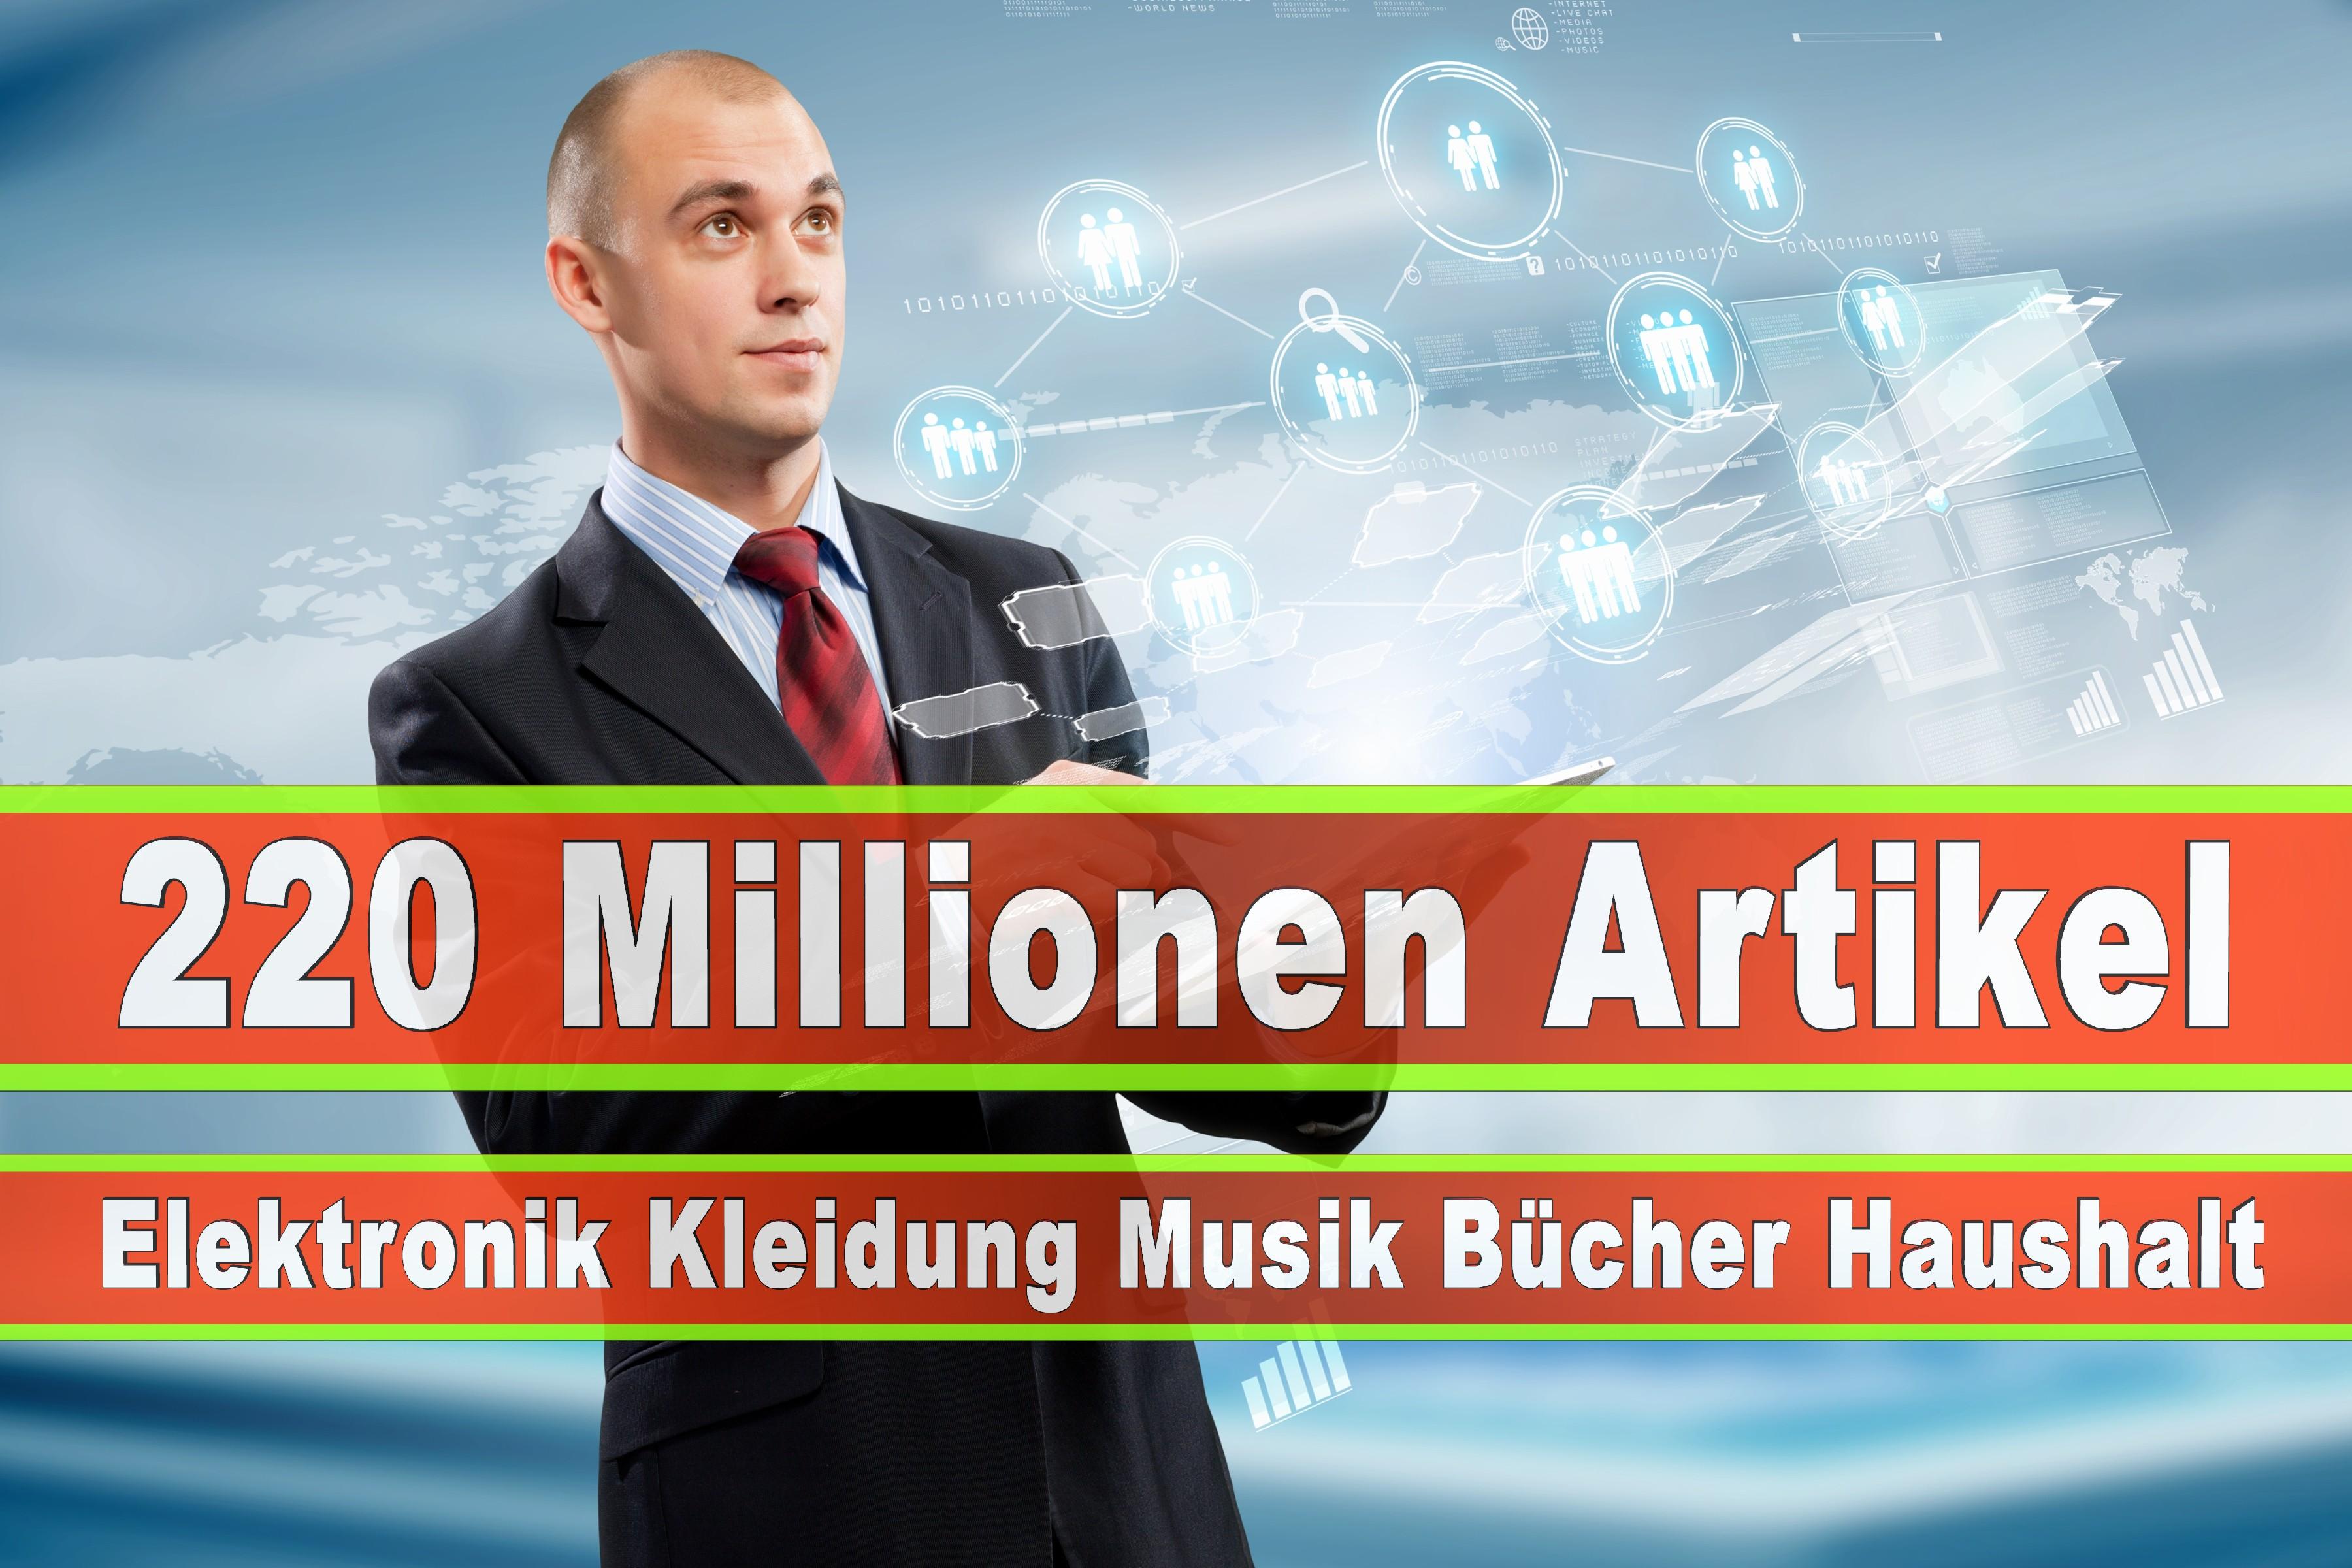 Amazon Elektronik Musik Haushalt Bücher CD DVD Handys Smartphones TV Television Fernseher Kleidung Mode Ebay Versandhaus (21)